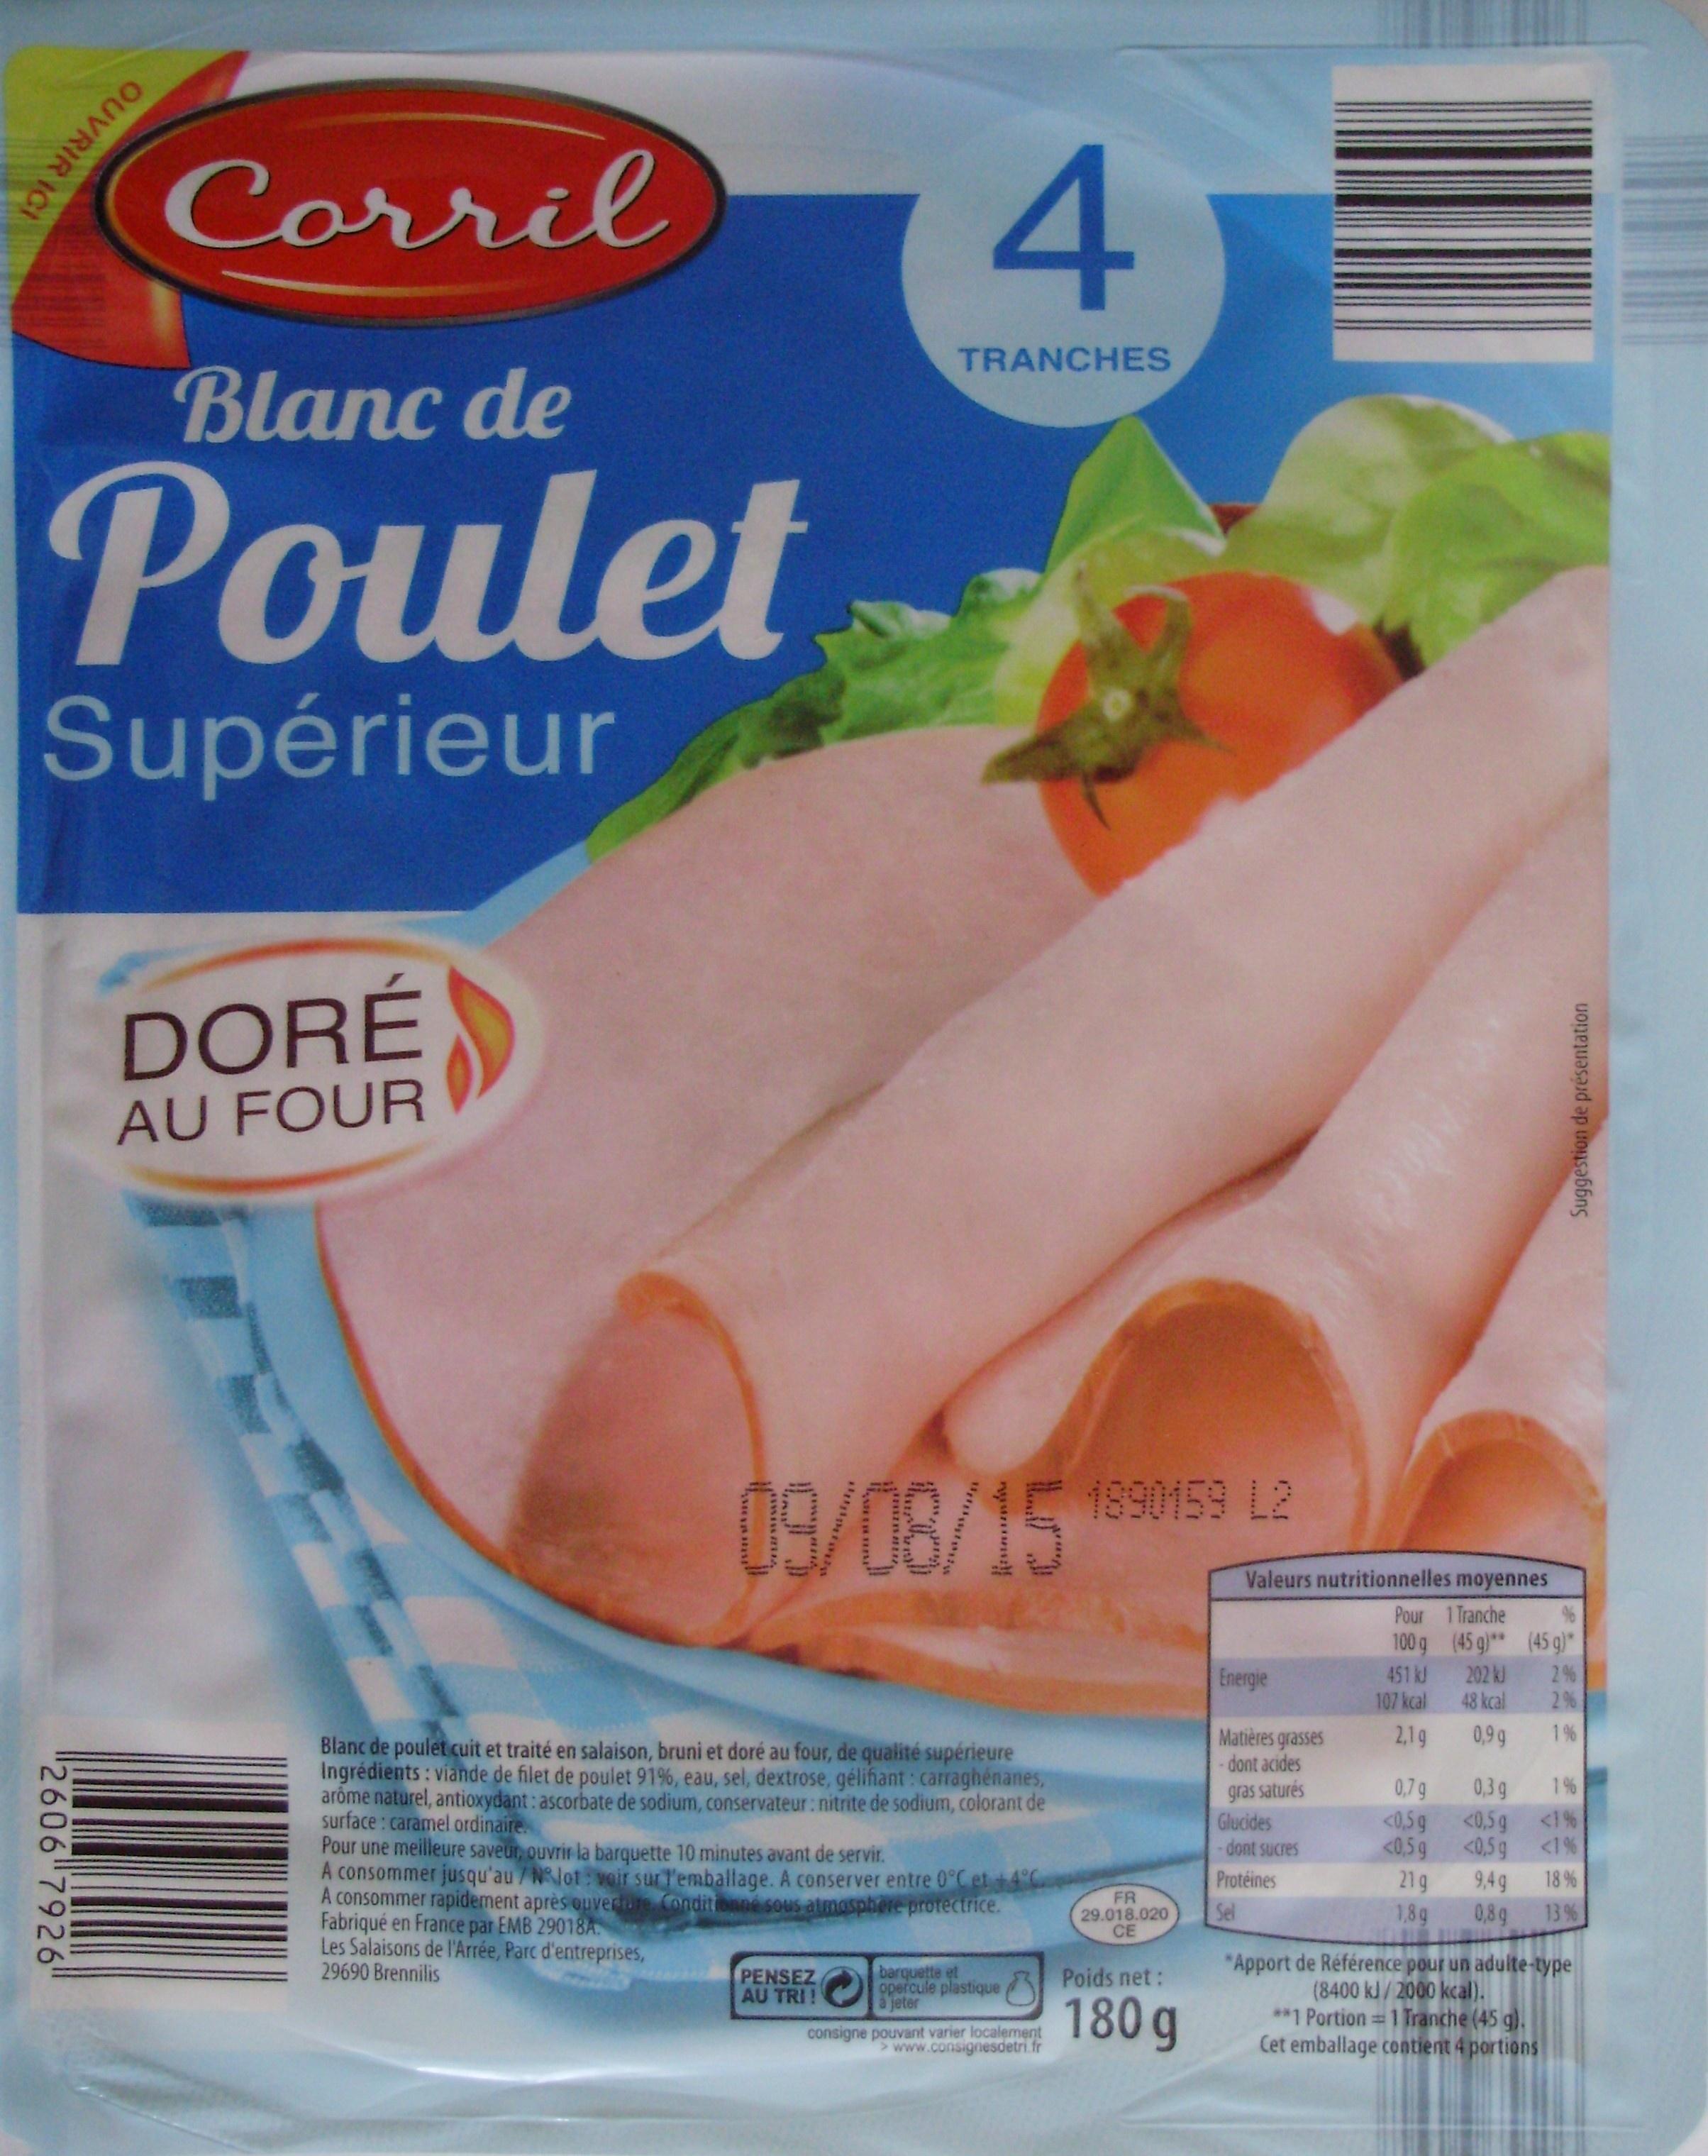 Blanc de Poulet Supérieur (Doré au Four) 4 Tranches - Produit